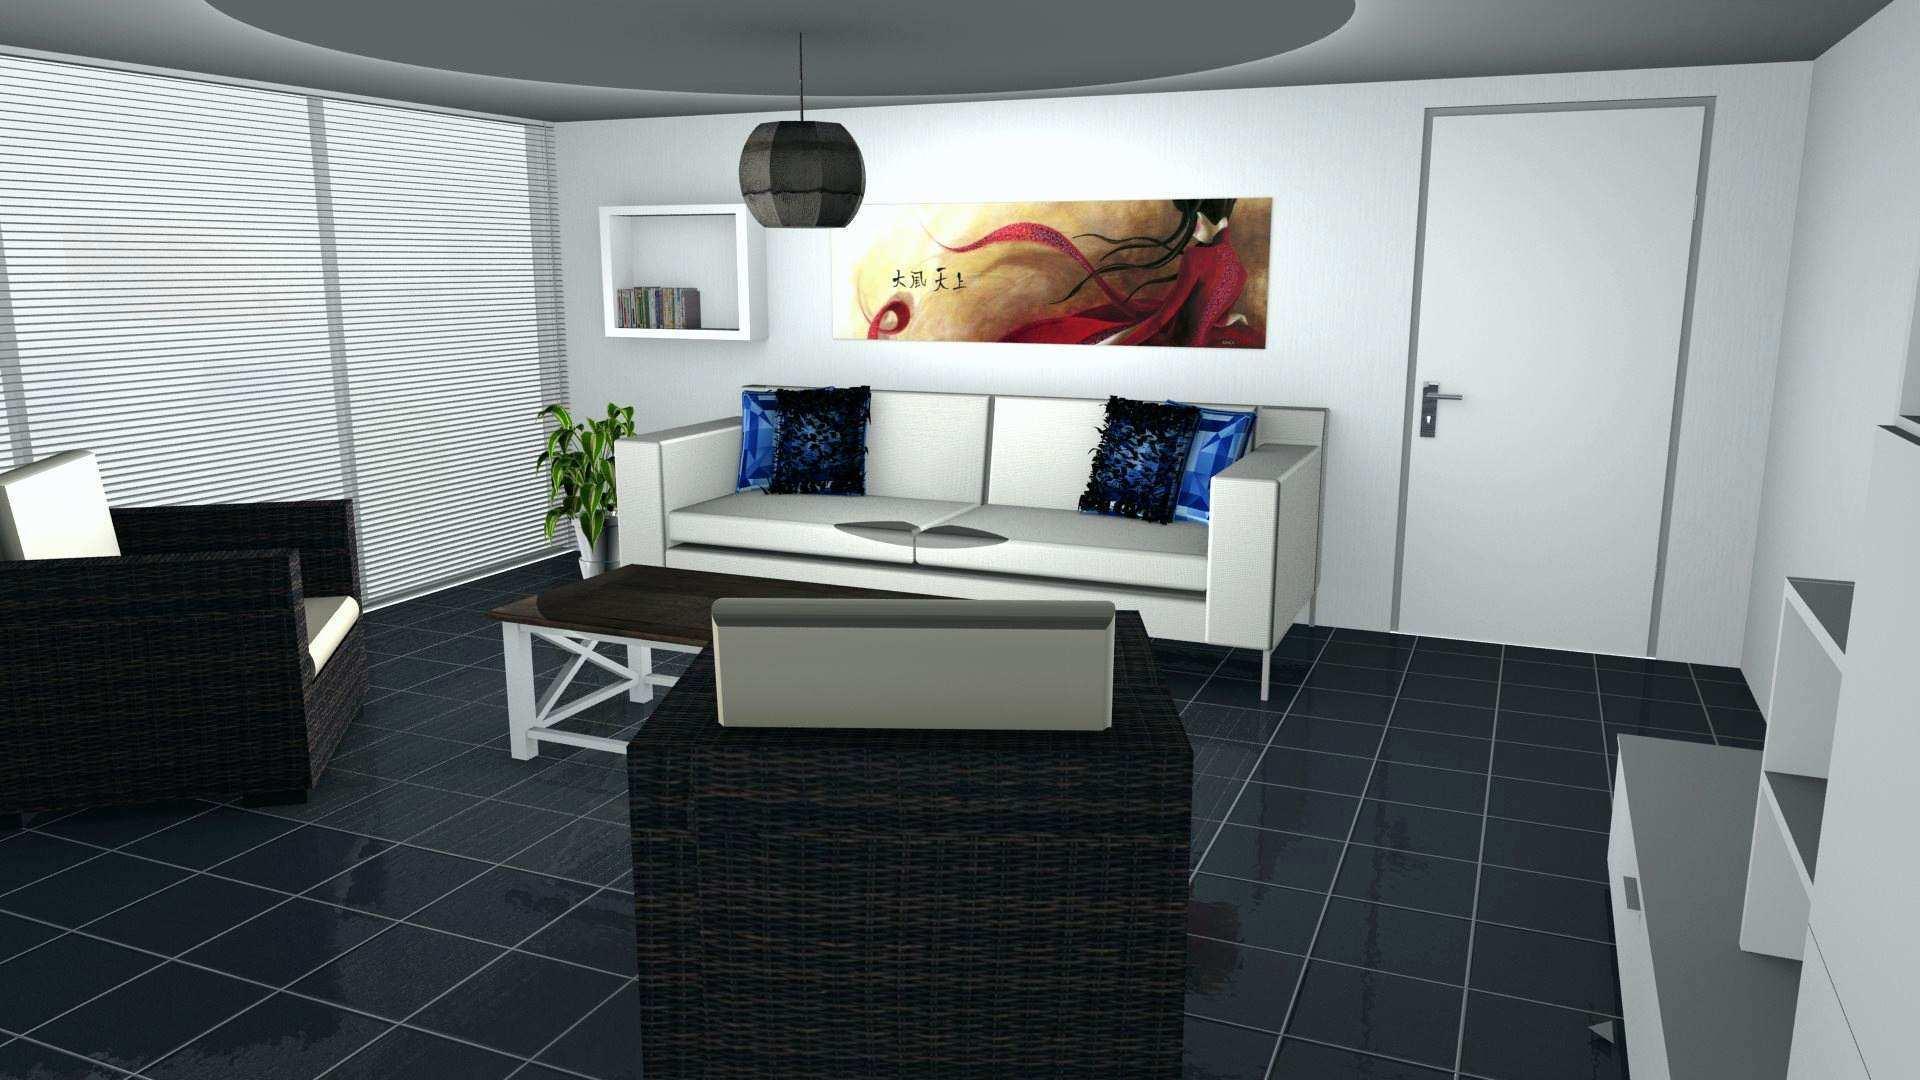 Decoration interieur jeux - Design en image